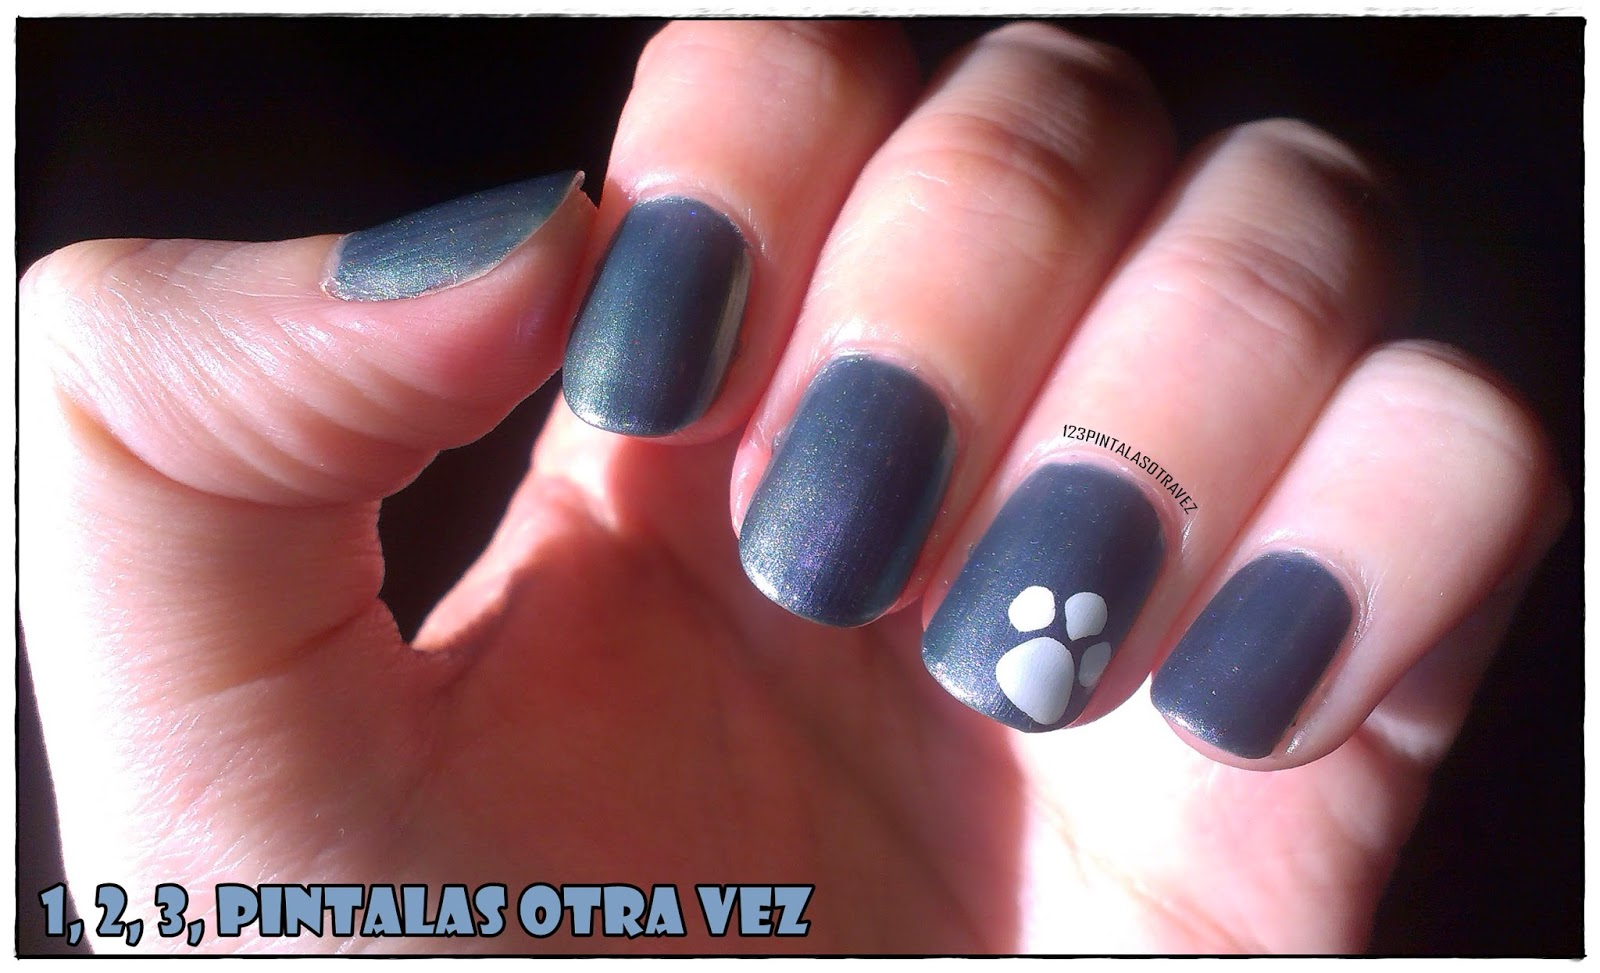 http://quiendijoesmaltes.blogspot.com.es/2014/02/reto-tipos-de-esmaltes-semana-3.html